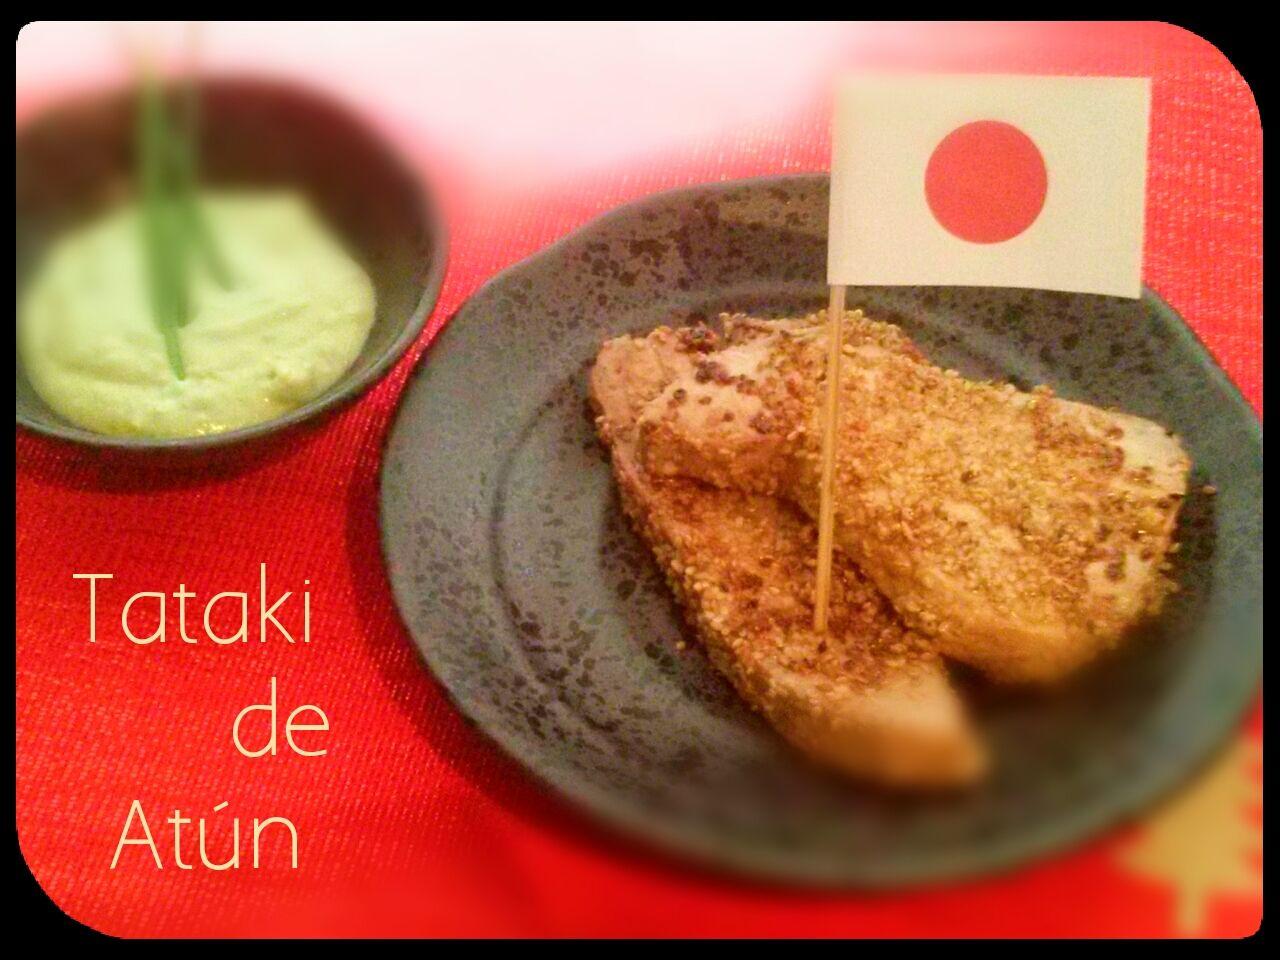 Tataki de atún rojo con salsa de aguacate, Japón. (Cena de Navidad Wordlwide)